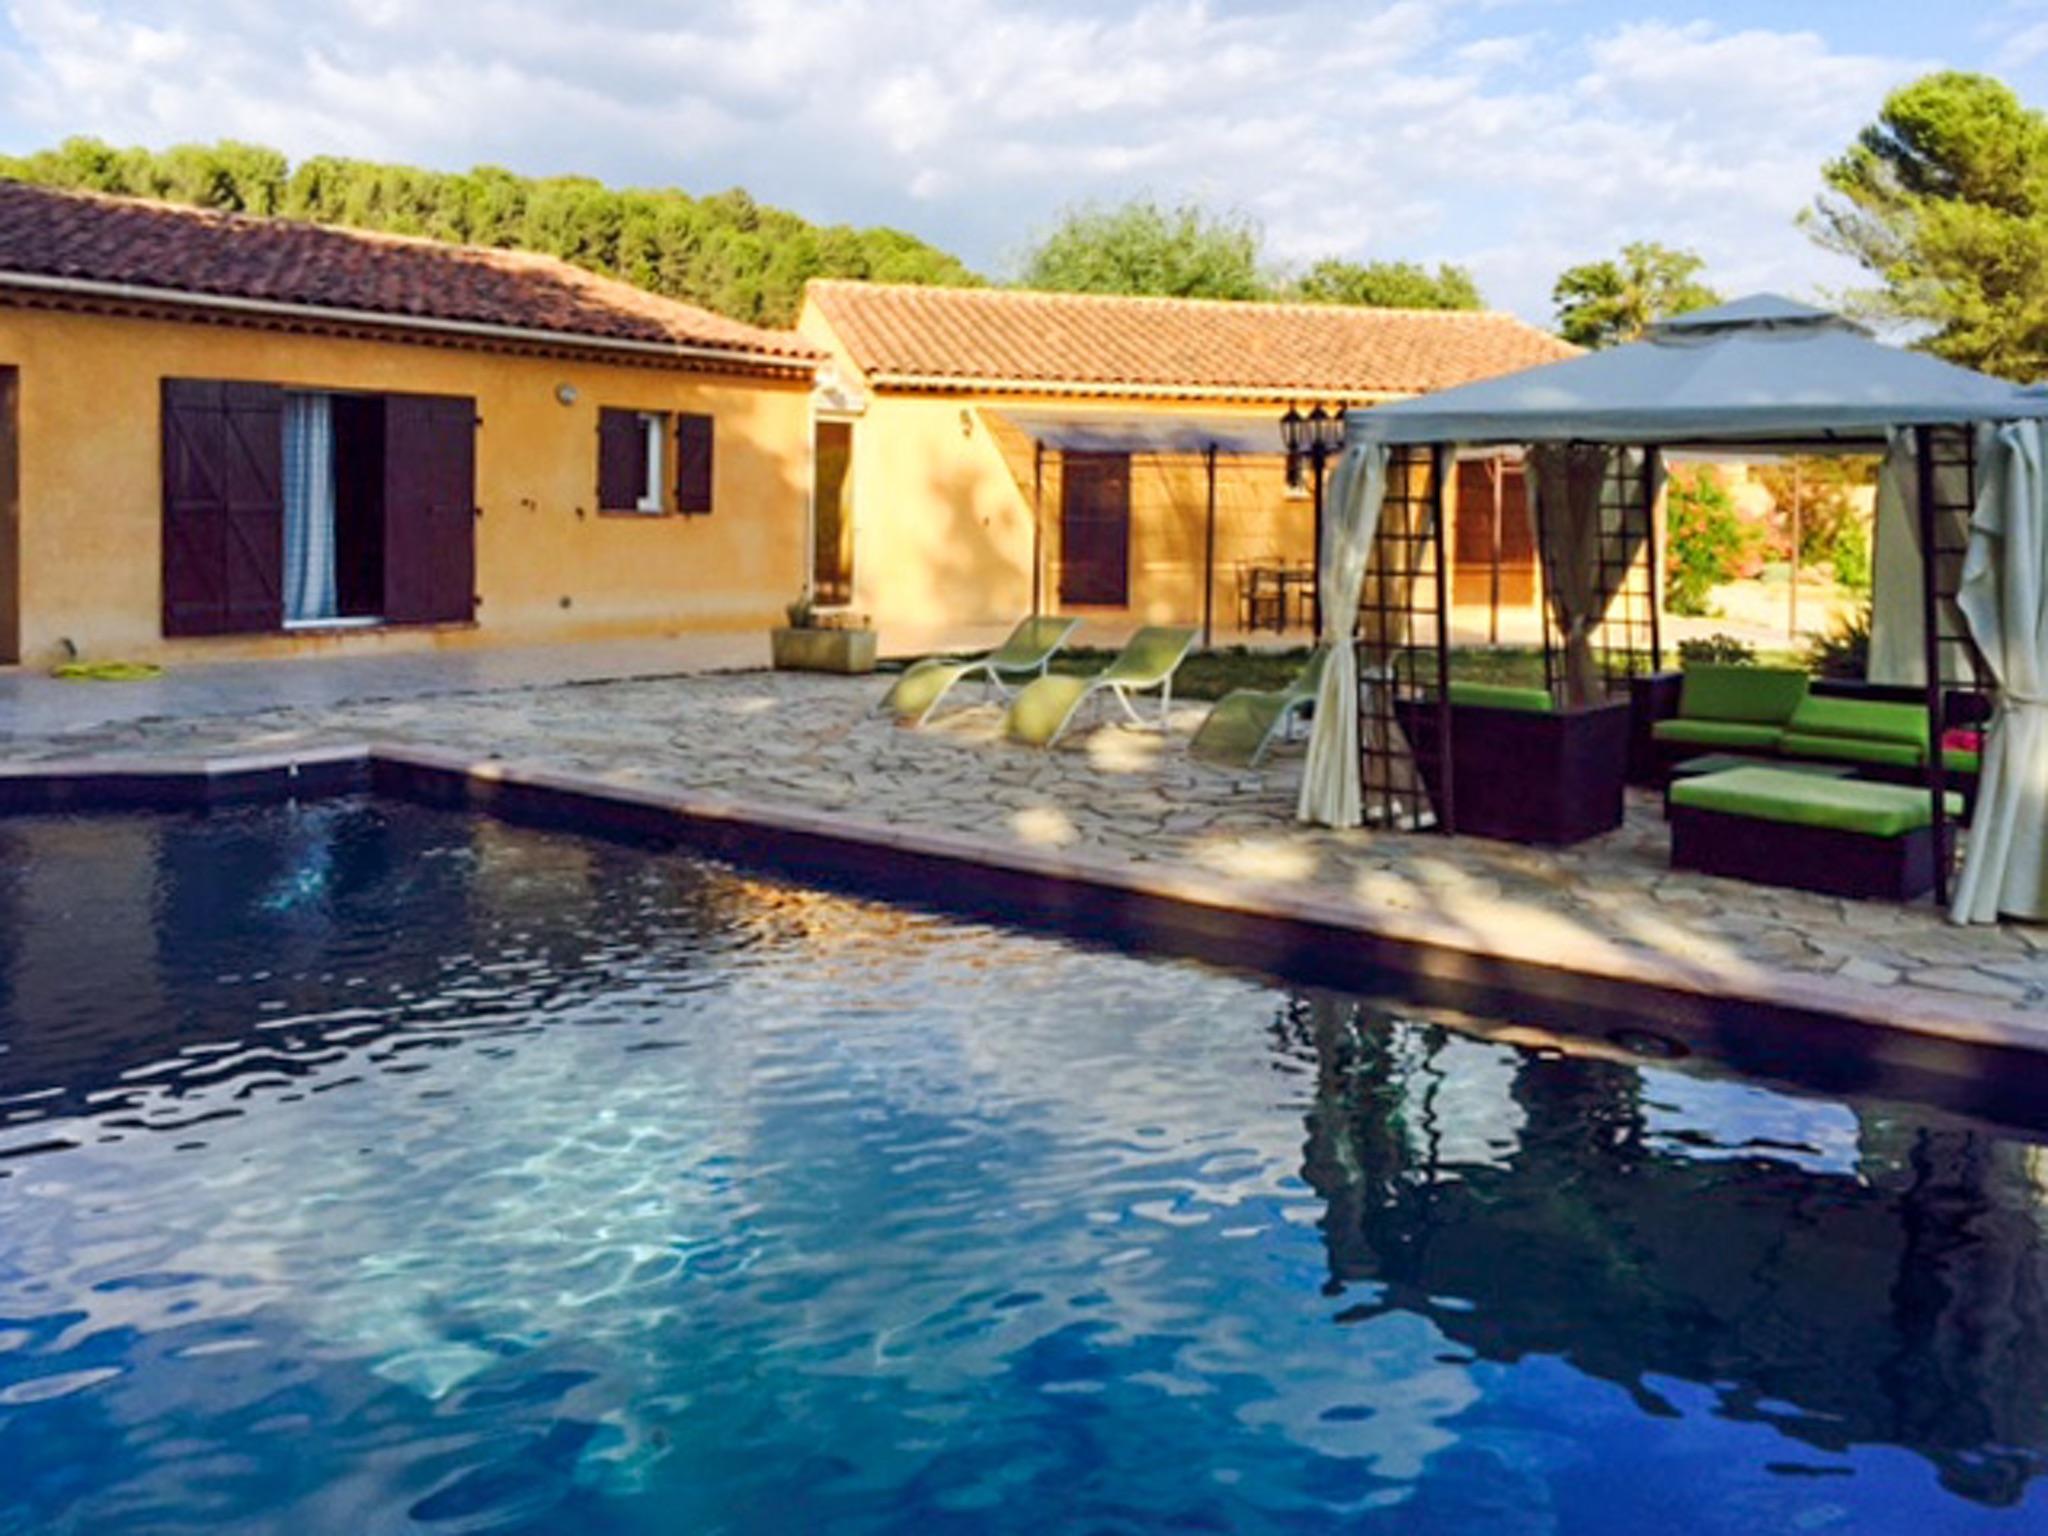 Ferienhaus Haus mit drei Schlafzimmern, Pool, Garten und Terrasse in der Luberon (2201928), Pertuis, Vaucluse, Provence - Alpen - Côte d'Azur, Frankreich, Bild 1